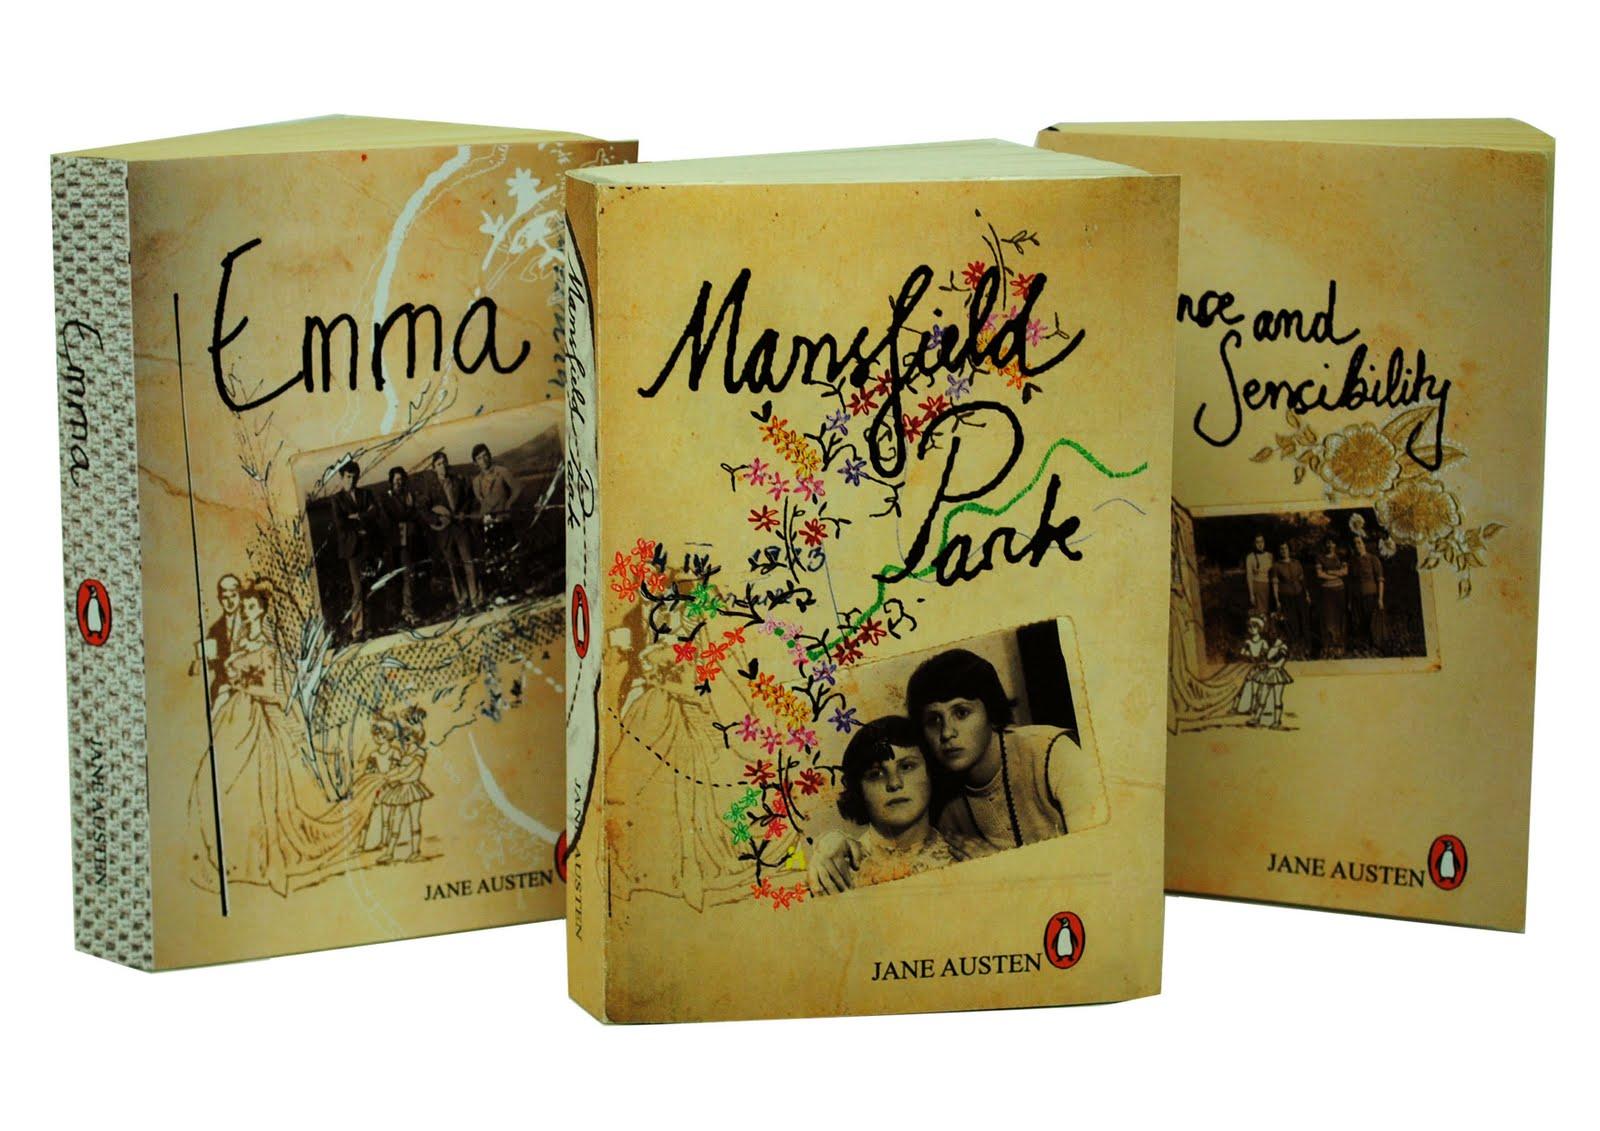 Jane Austen Pretty Book Covers : Jehona bogujevci jane austen book covers final designs